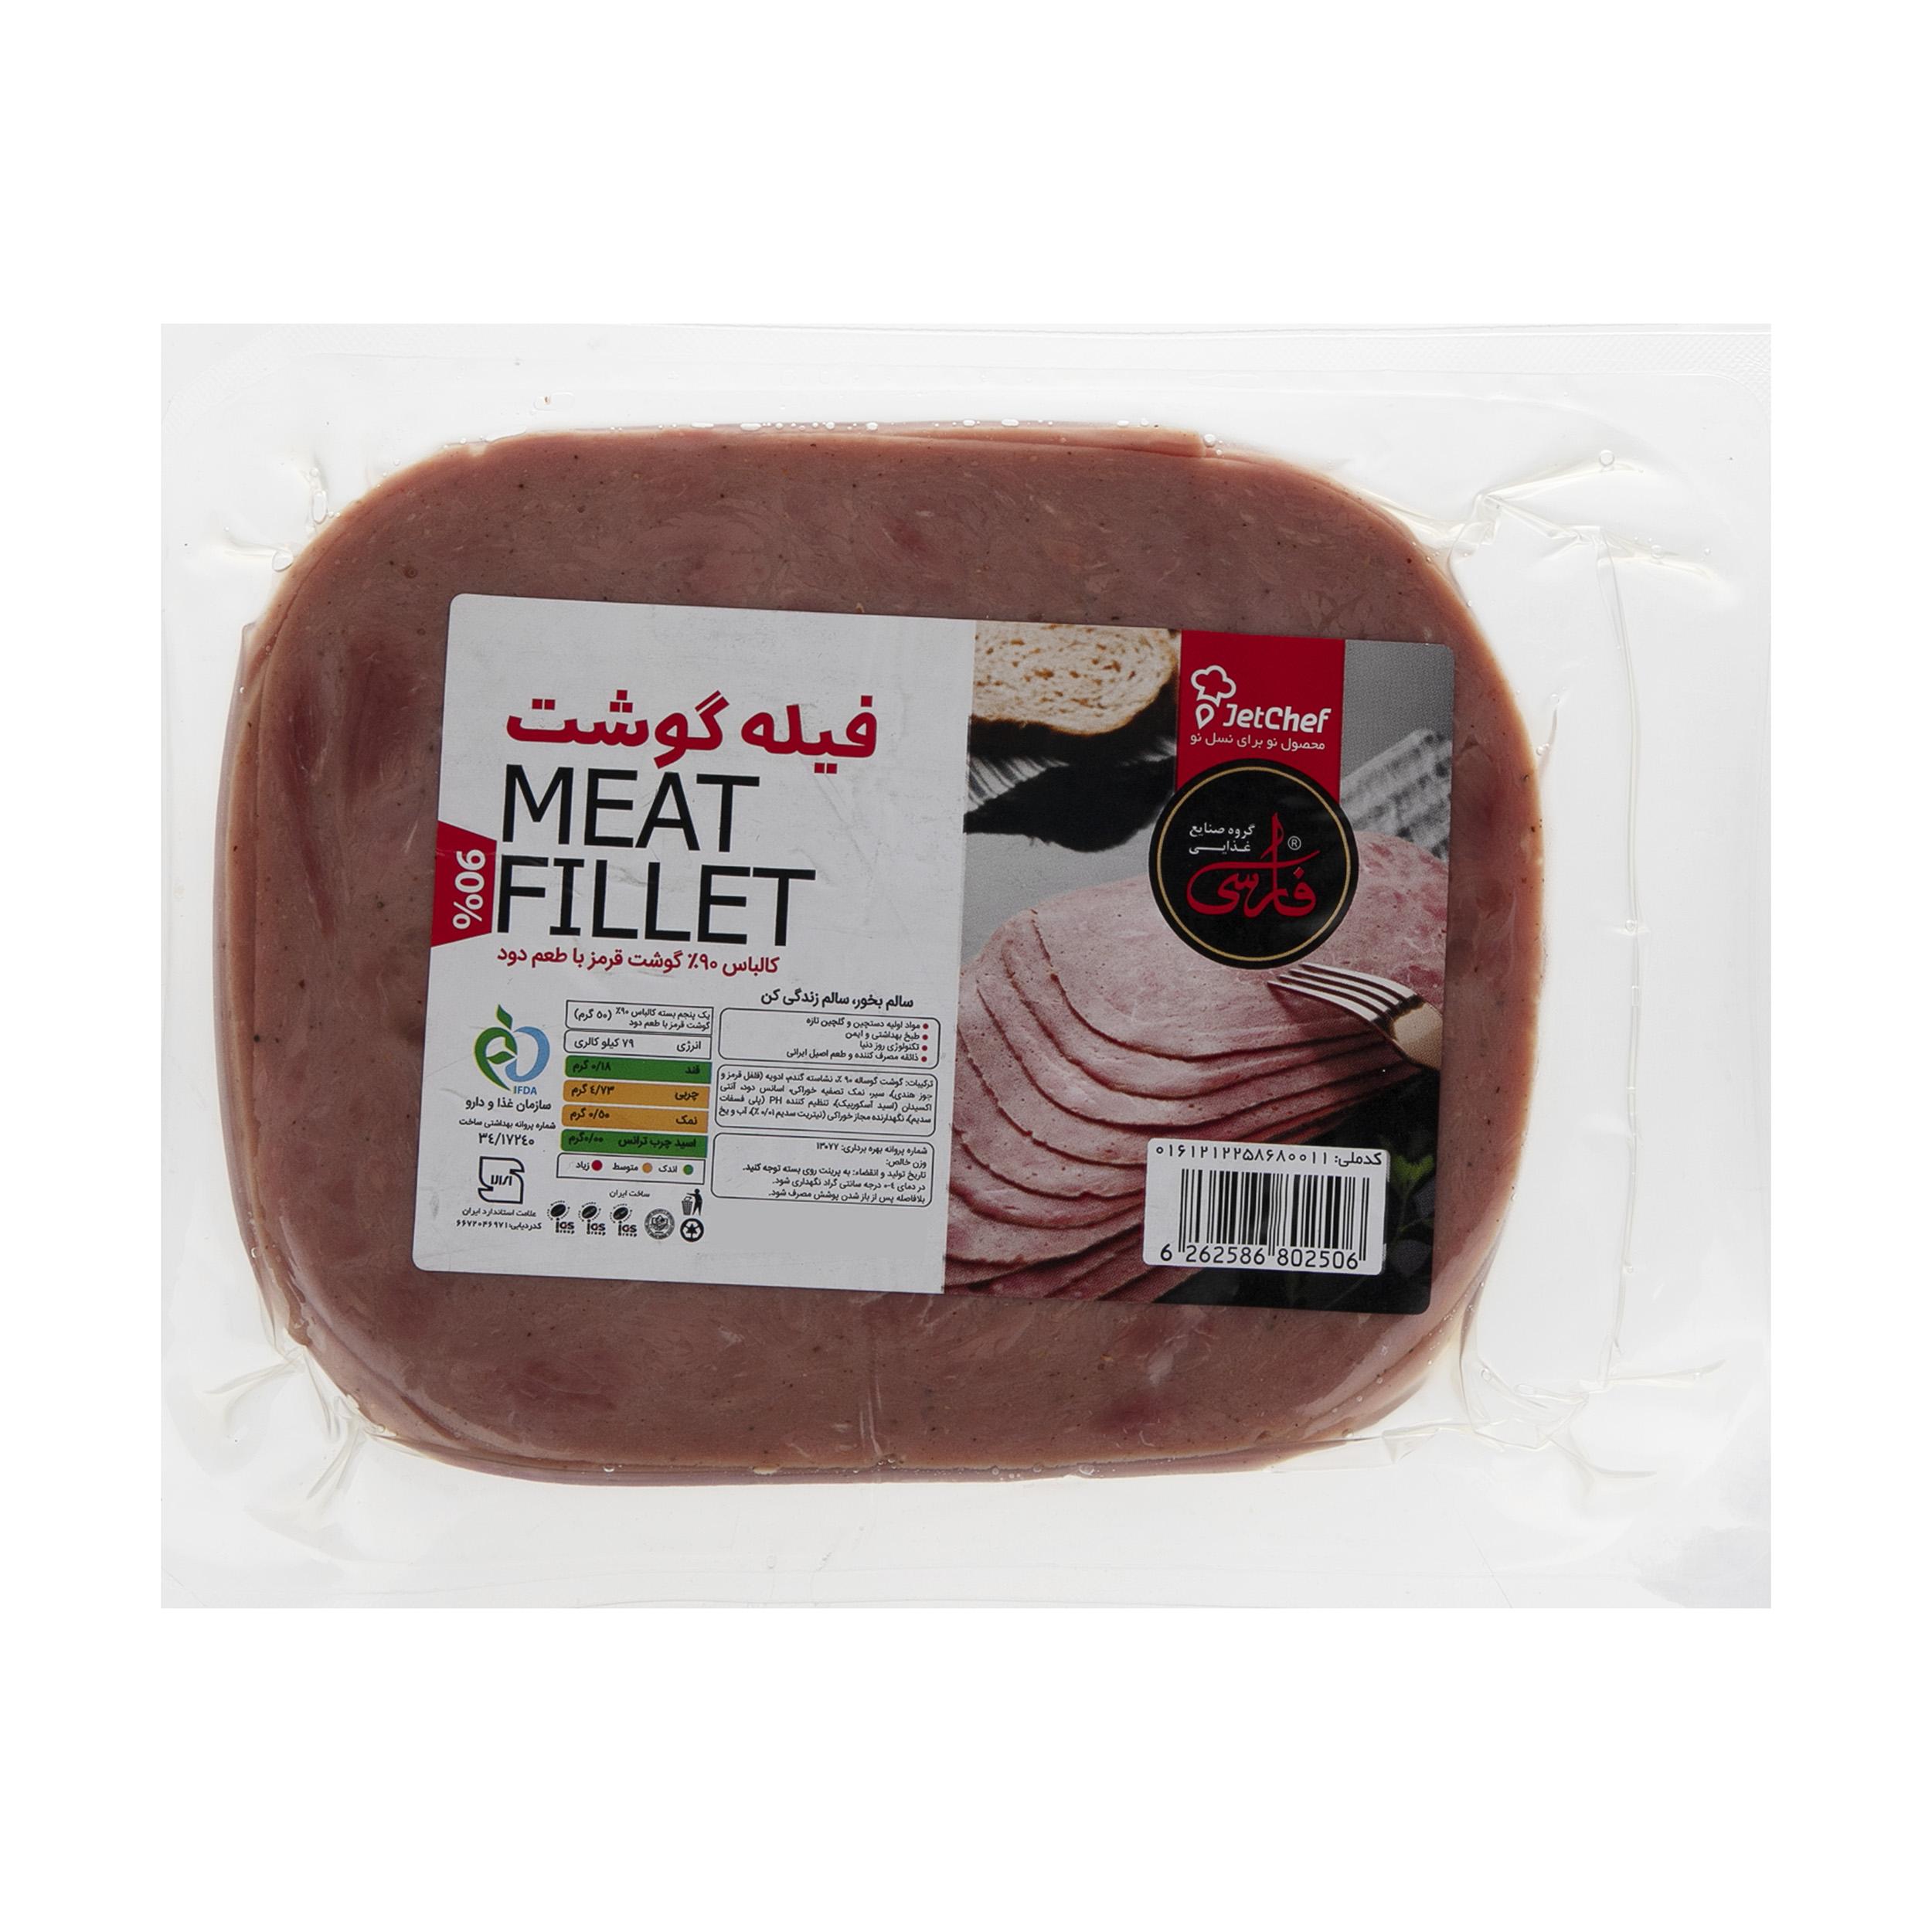 کالباس 90 درصد گوشت قرمز با طعم دود فارسی وزن 250 گرم